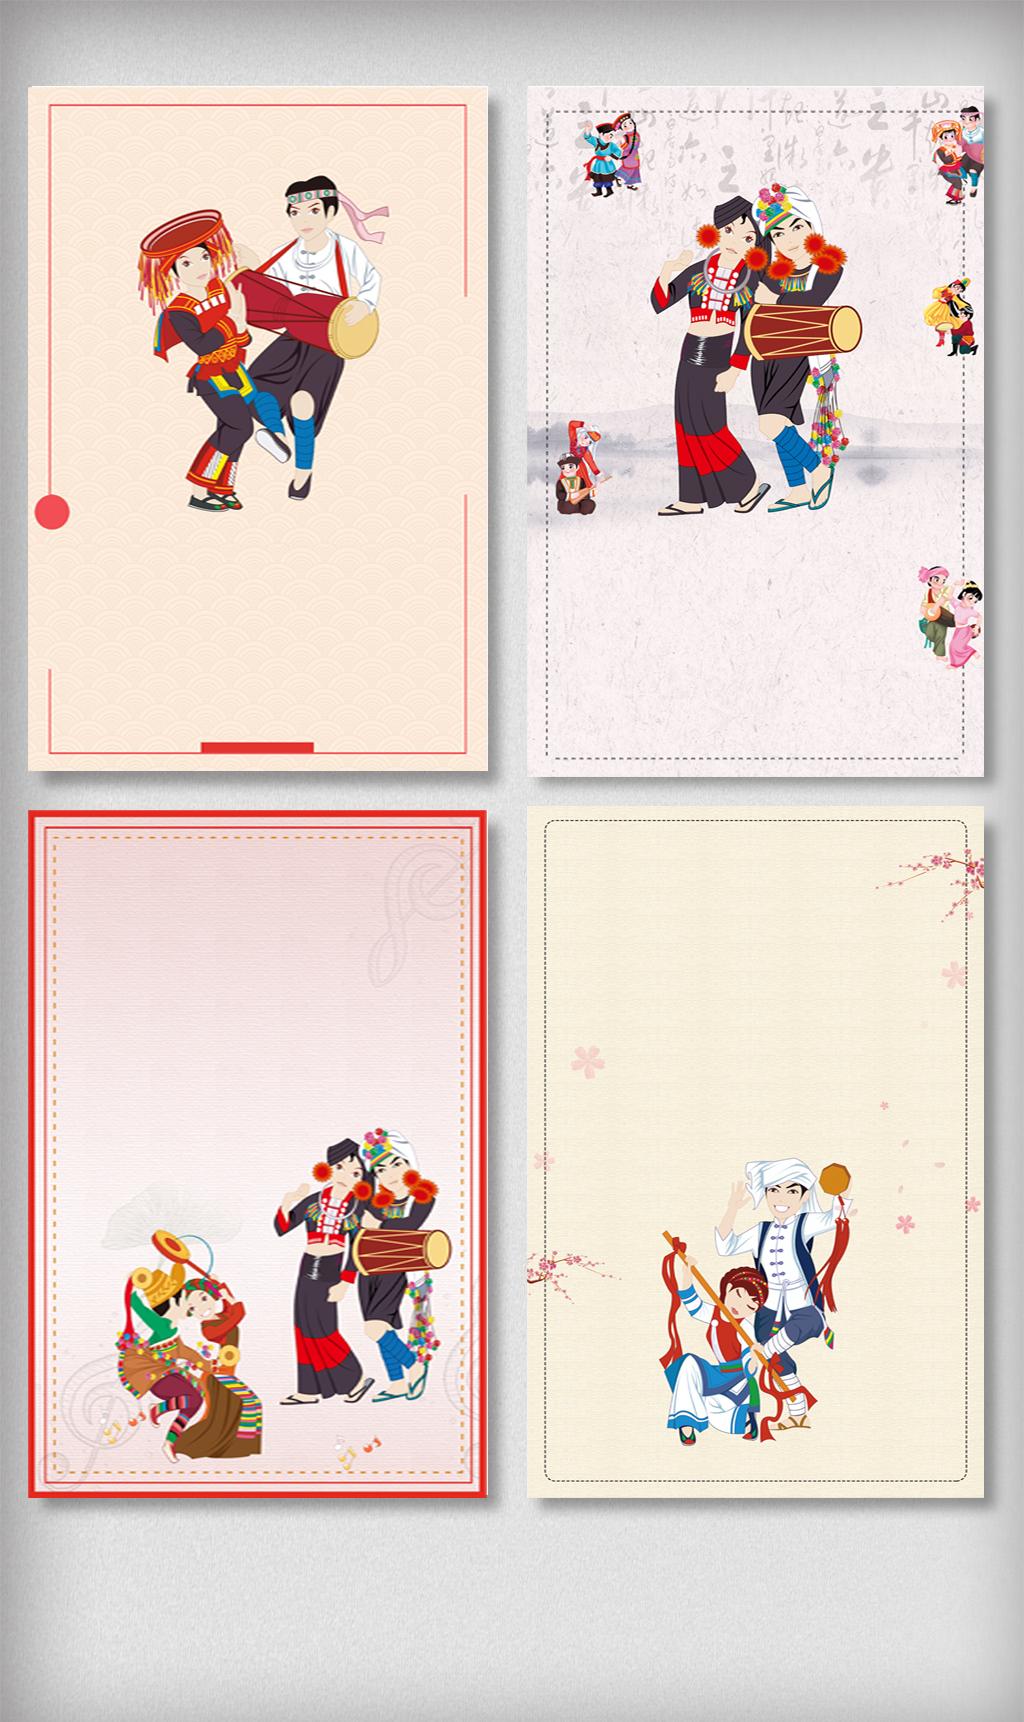 民族风民族人物欢乐庆春节背影元素图片设计素材_高清